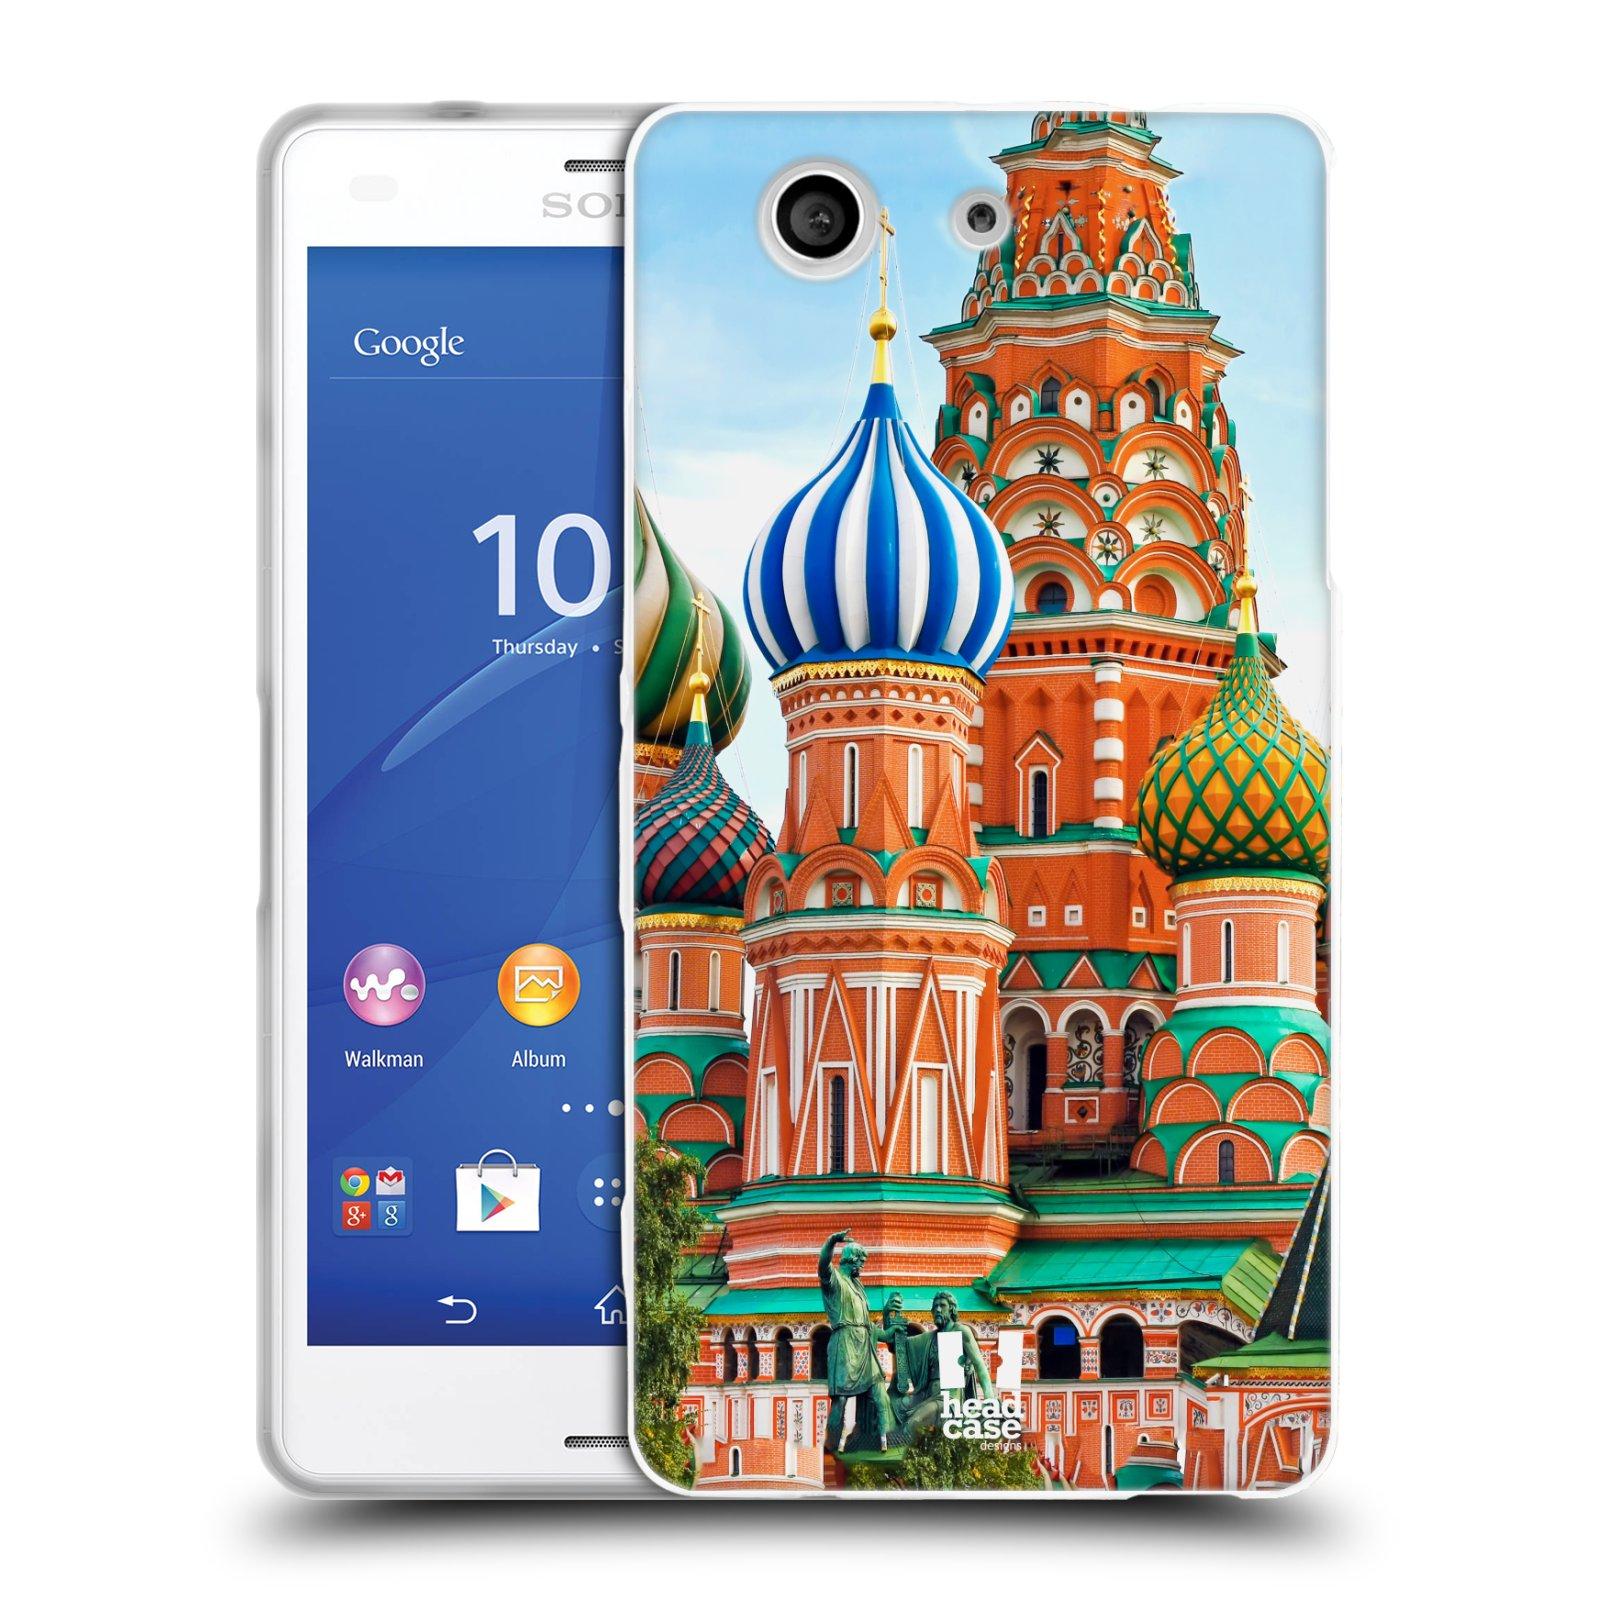 HEAD CASE silikonový obal na mobil Sony Xperia Z3 COMPACT (D5803) vzor Města foto náměstí RUSKO,MOSKVA, RUDÉ NÁMĚSTÍ